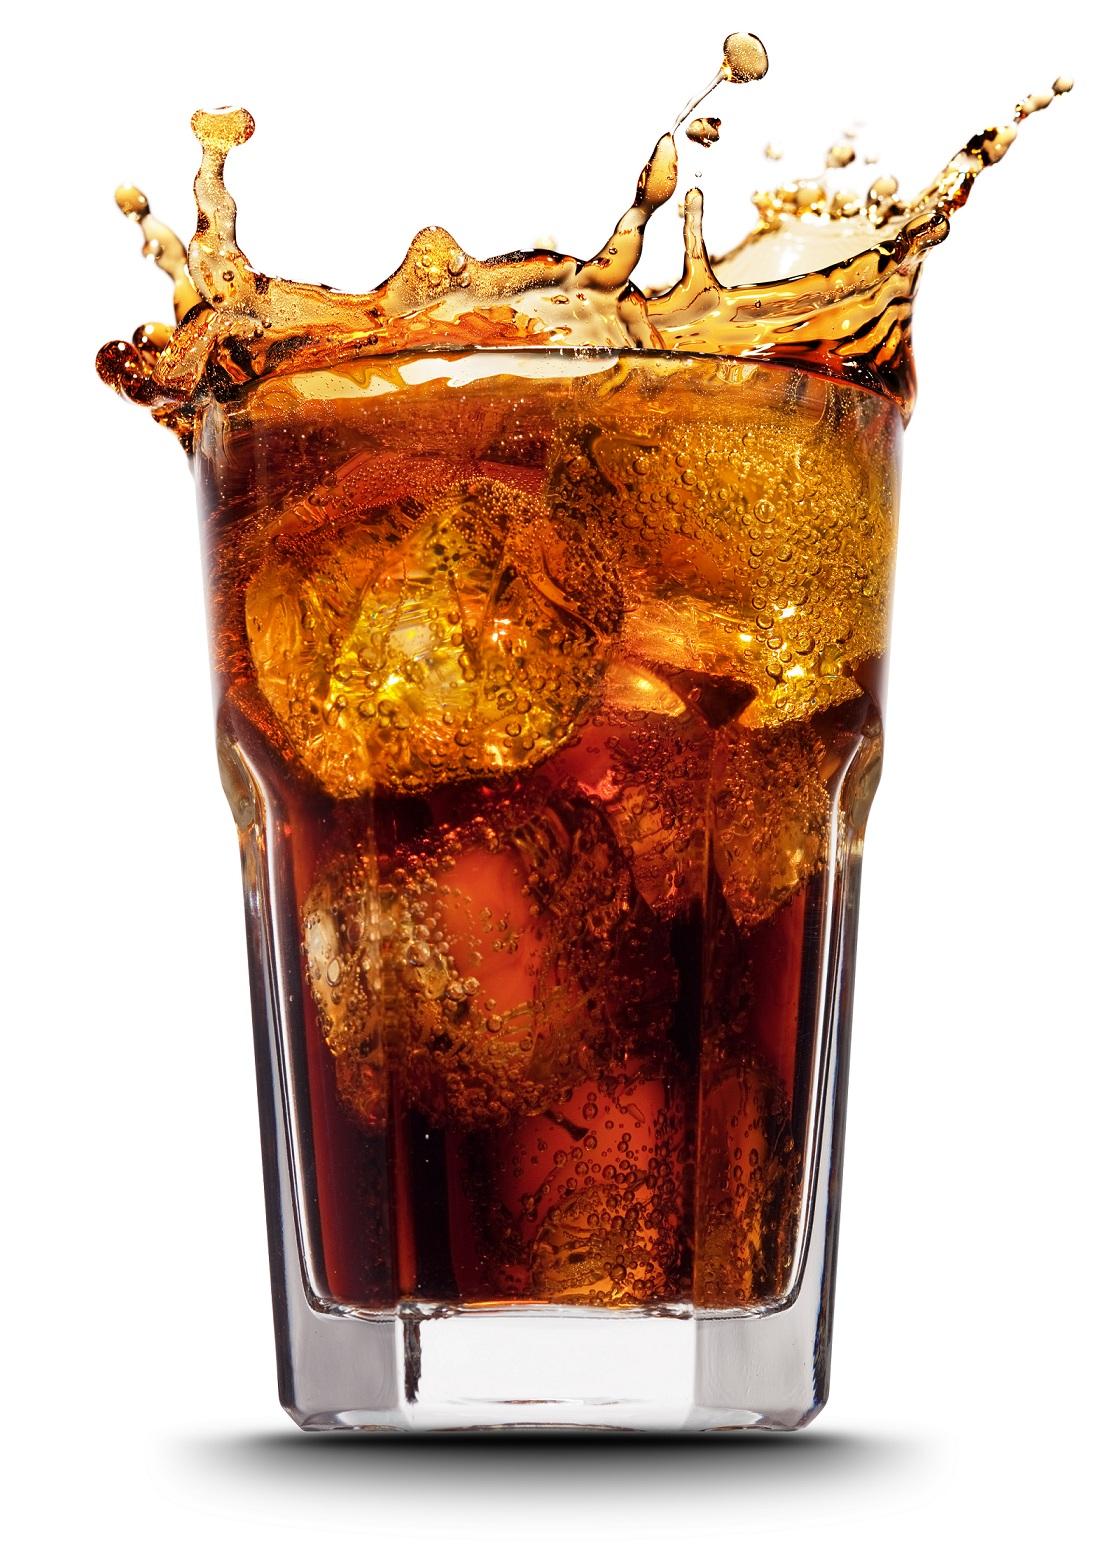 mercatlán: ¿Qué contienen los refrescos?